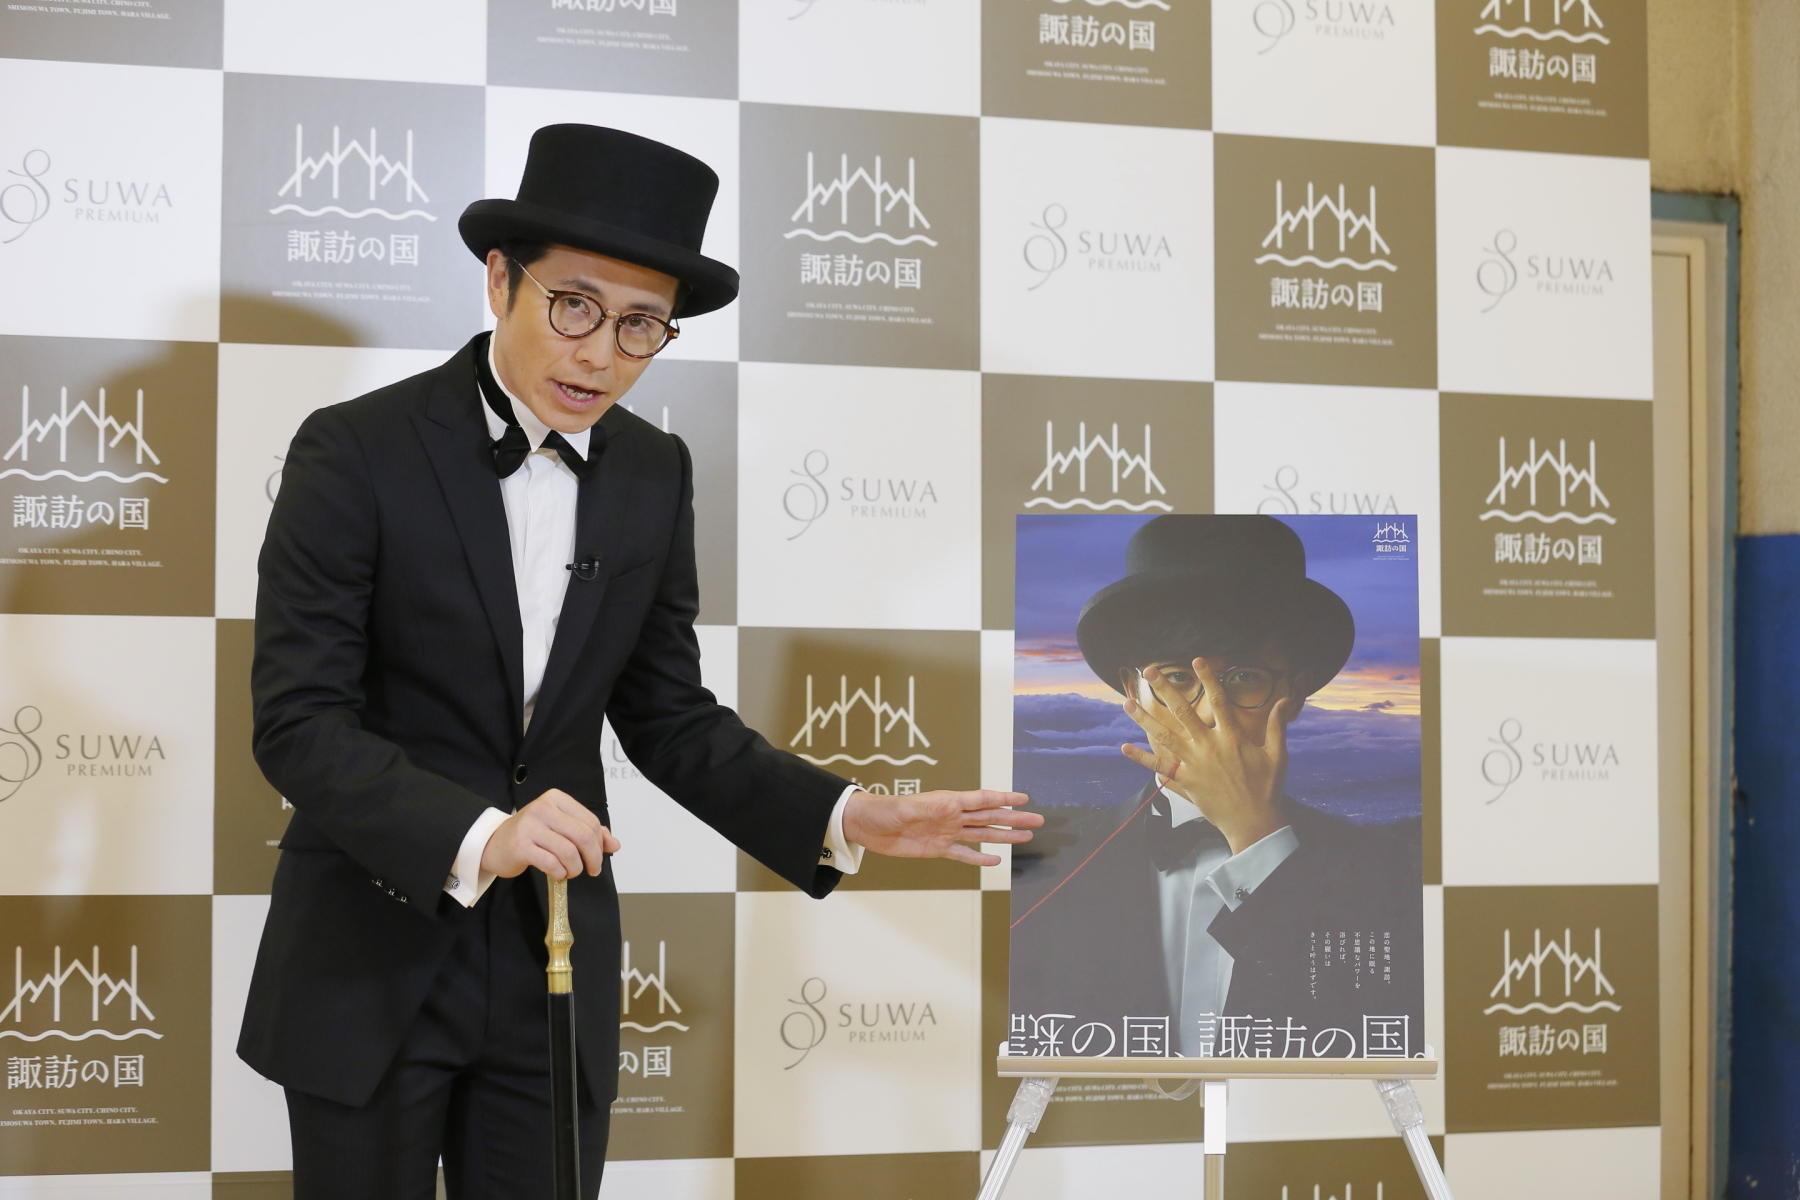 http://news.yoshimoto.co.jp/20171108161238-ce0e91725f838c1d0b046fc9dd0ba23536110599.jpg